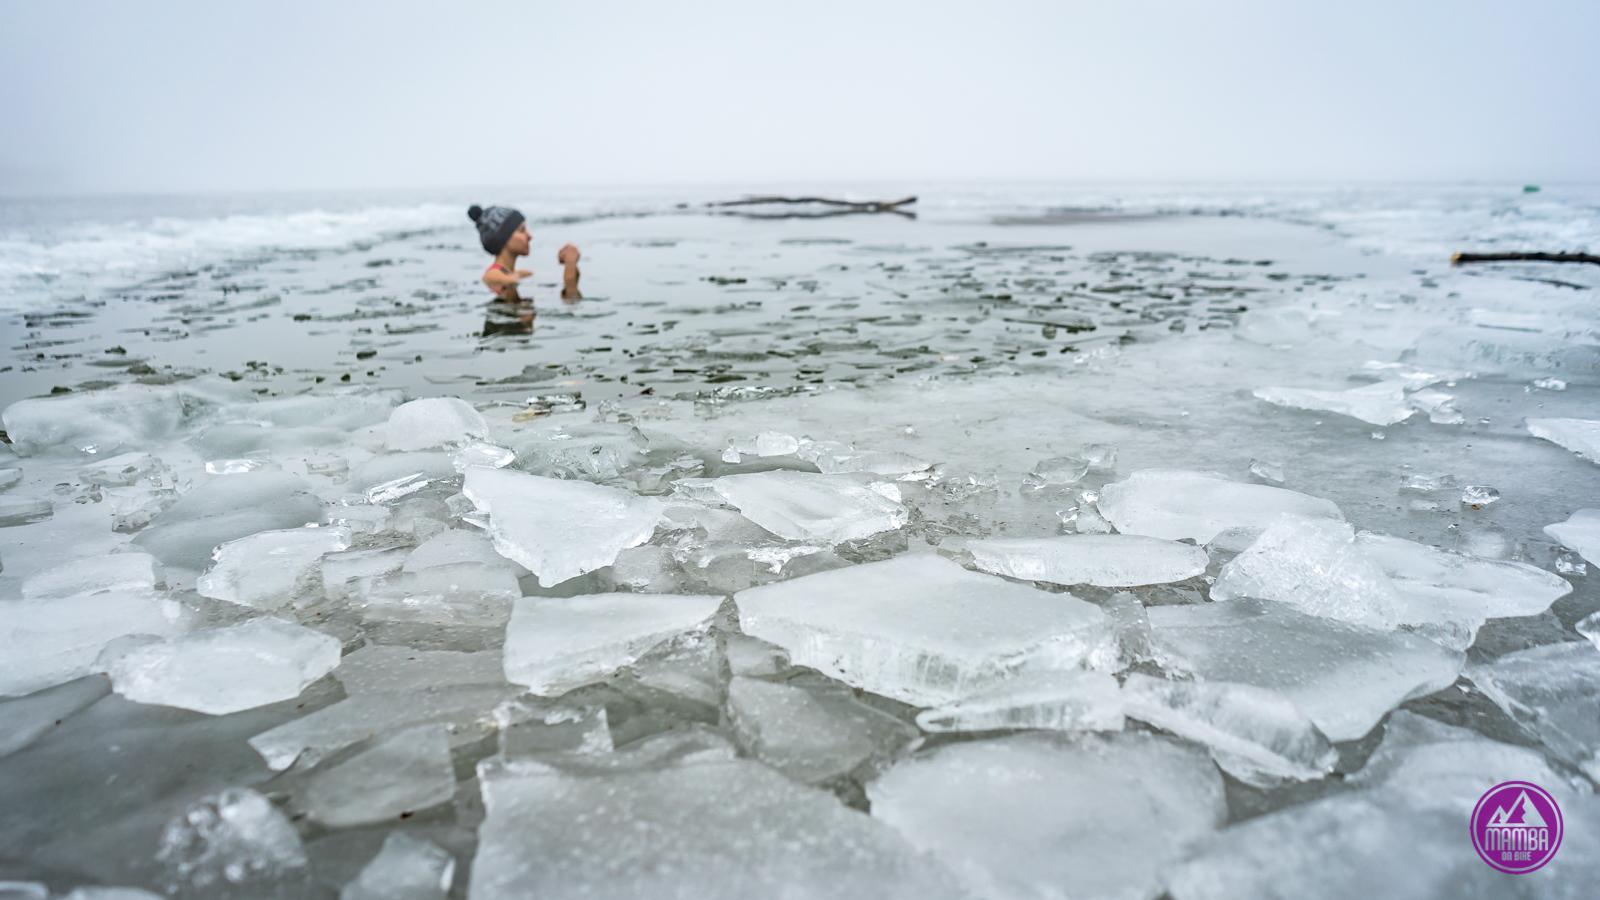 Morsowanie - pływanie w zimnej wodzie